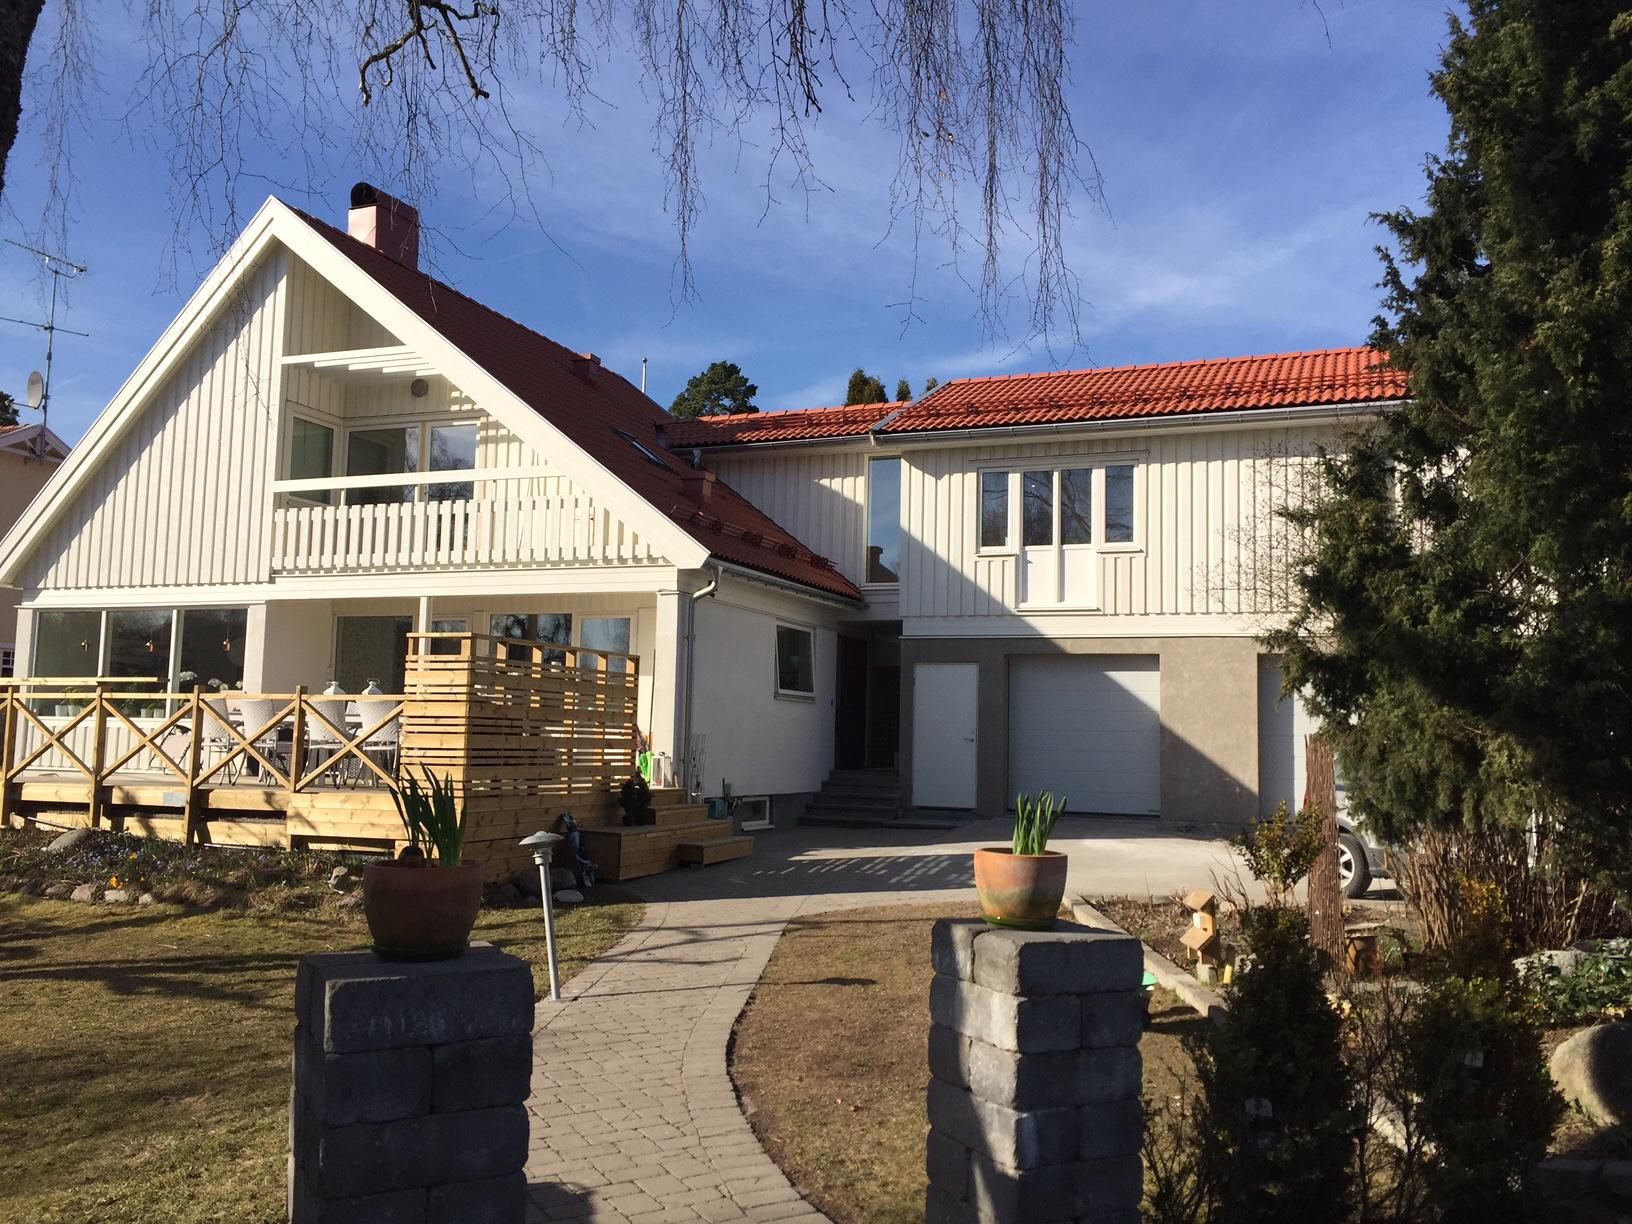 Värtavägen 8, Täby – Utbyggnad av befintligt hus